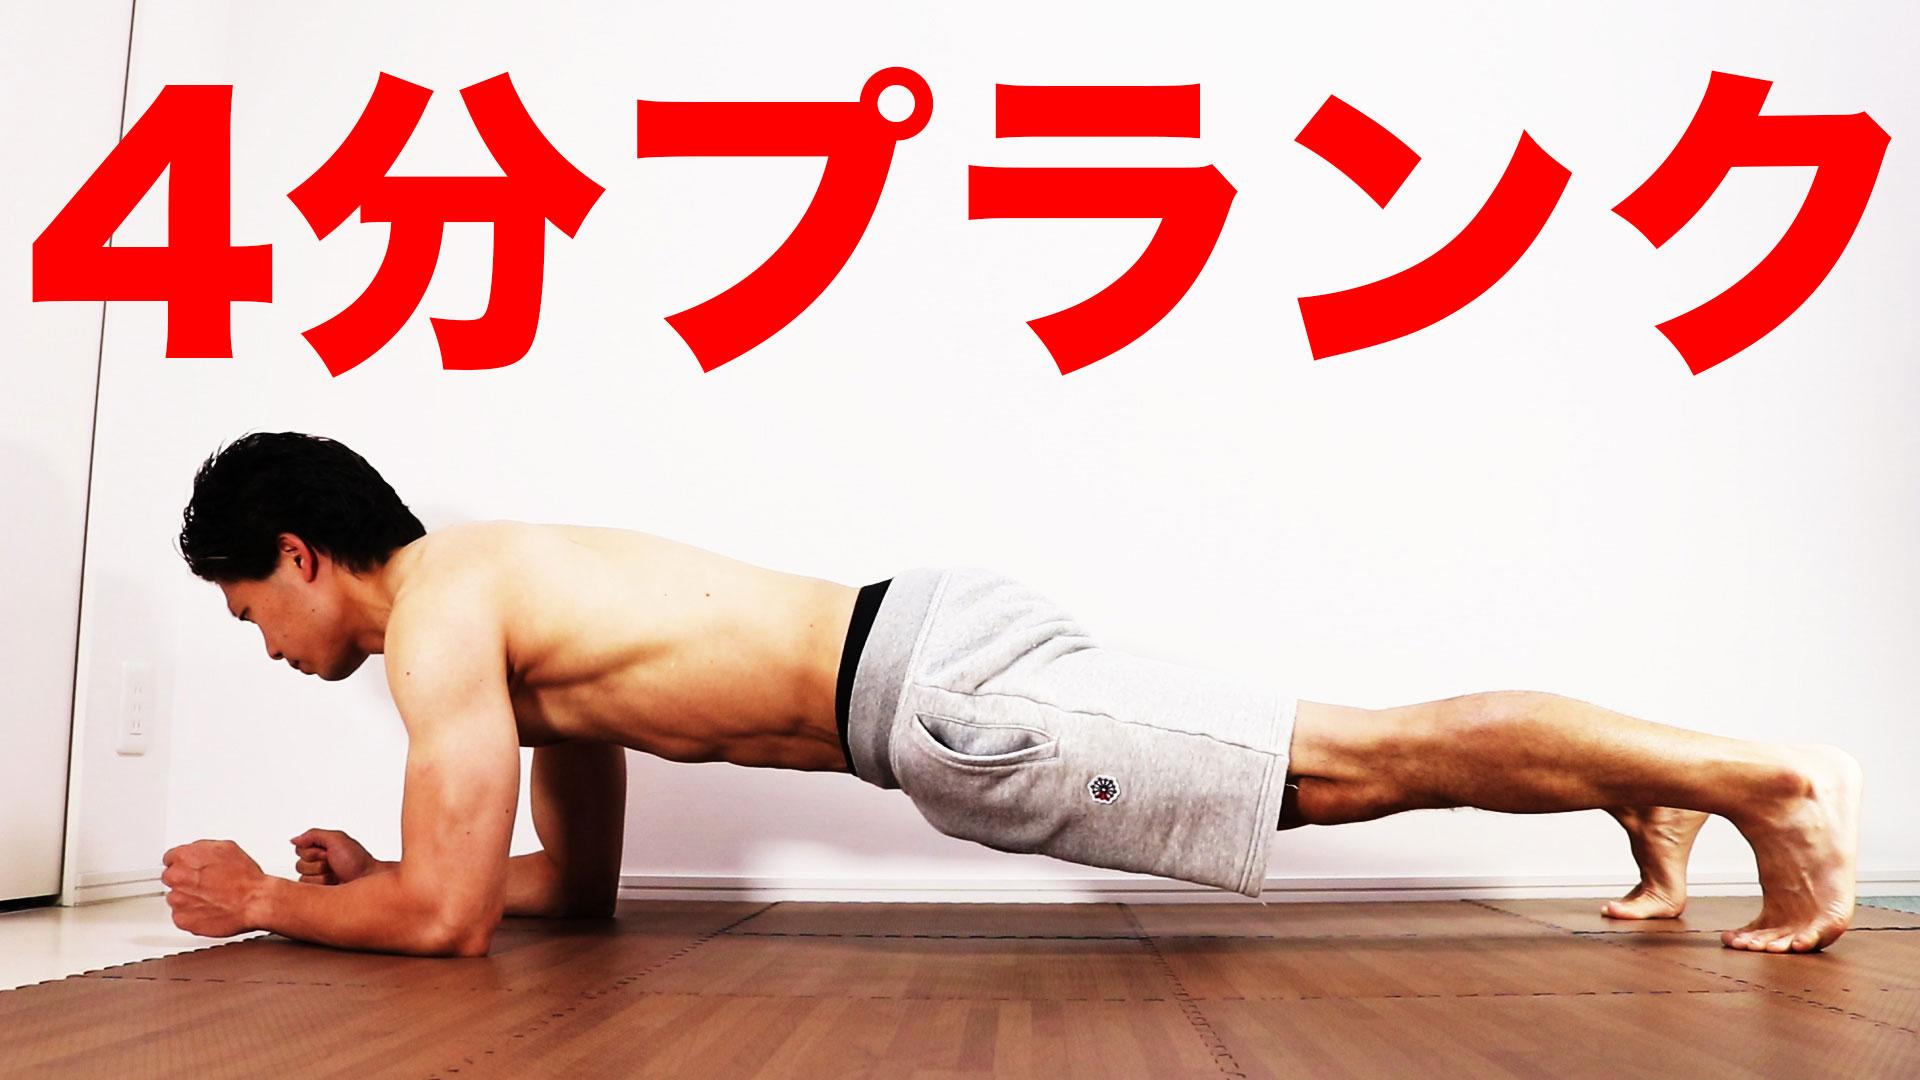 【10/25】プランク4種目!正しいプランクのやり方で腹筋を割ろう!筋トレしたら動画にコメントしよう!